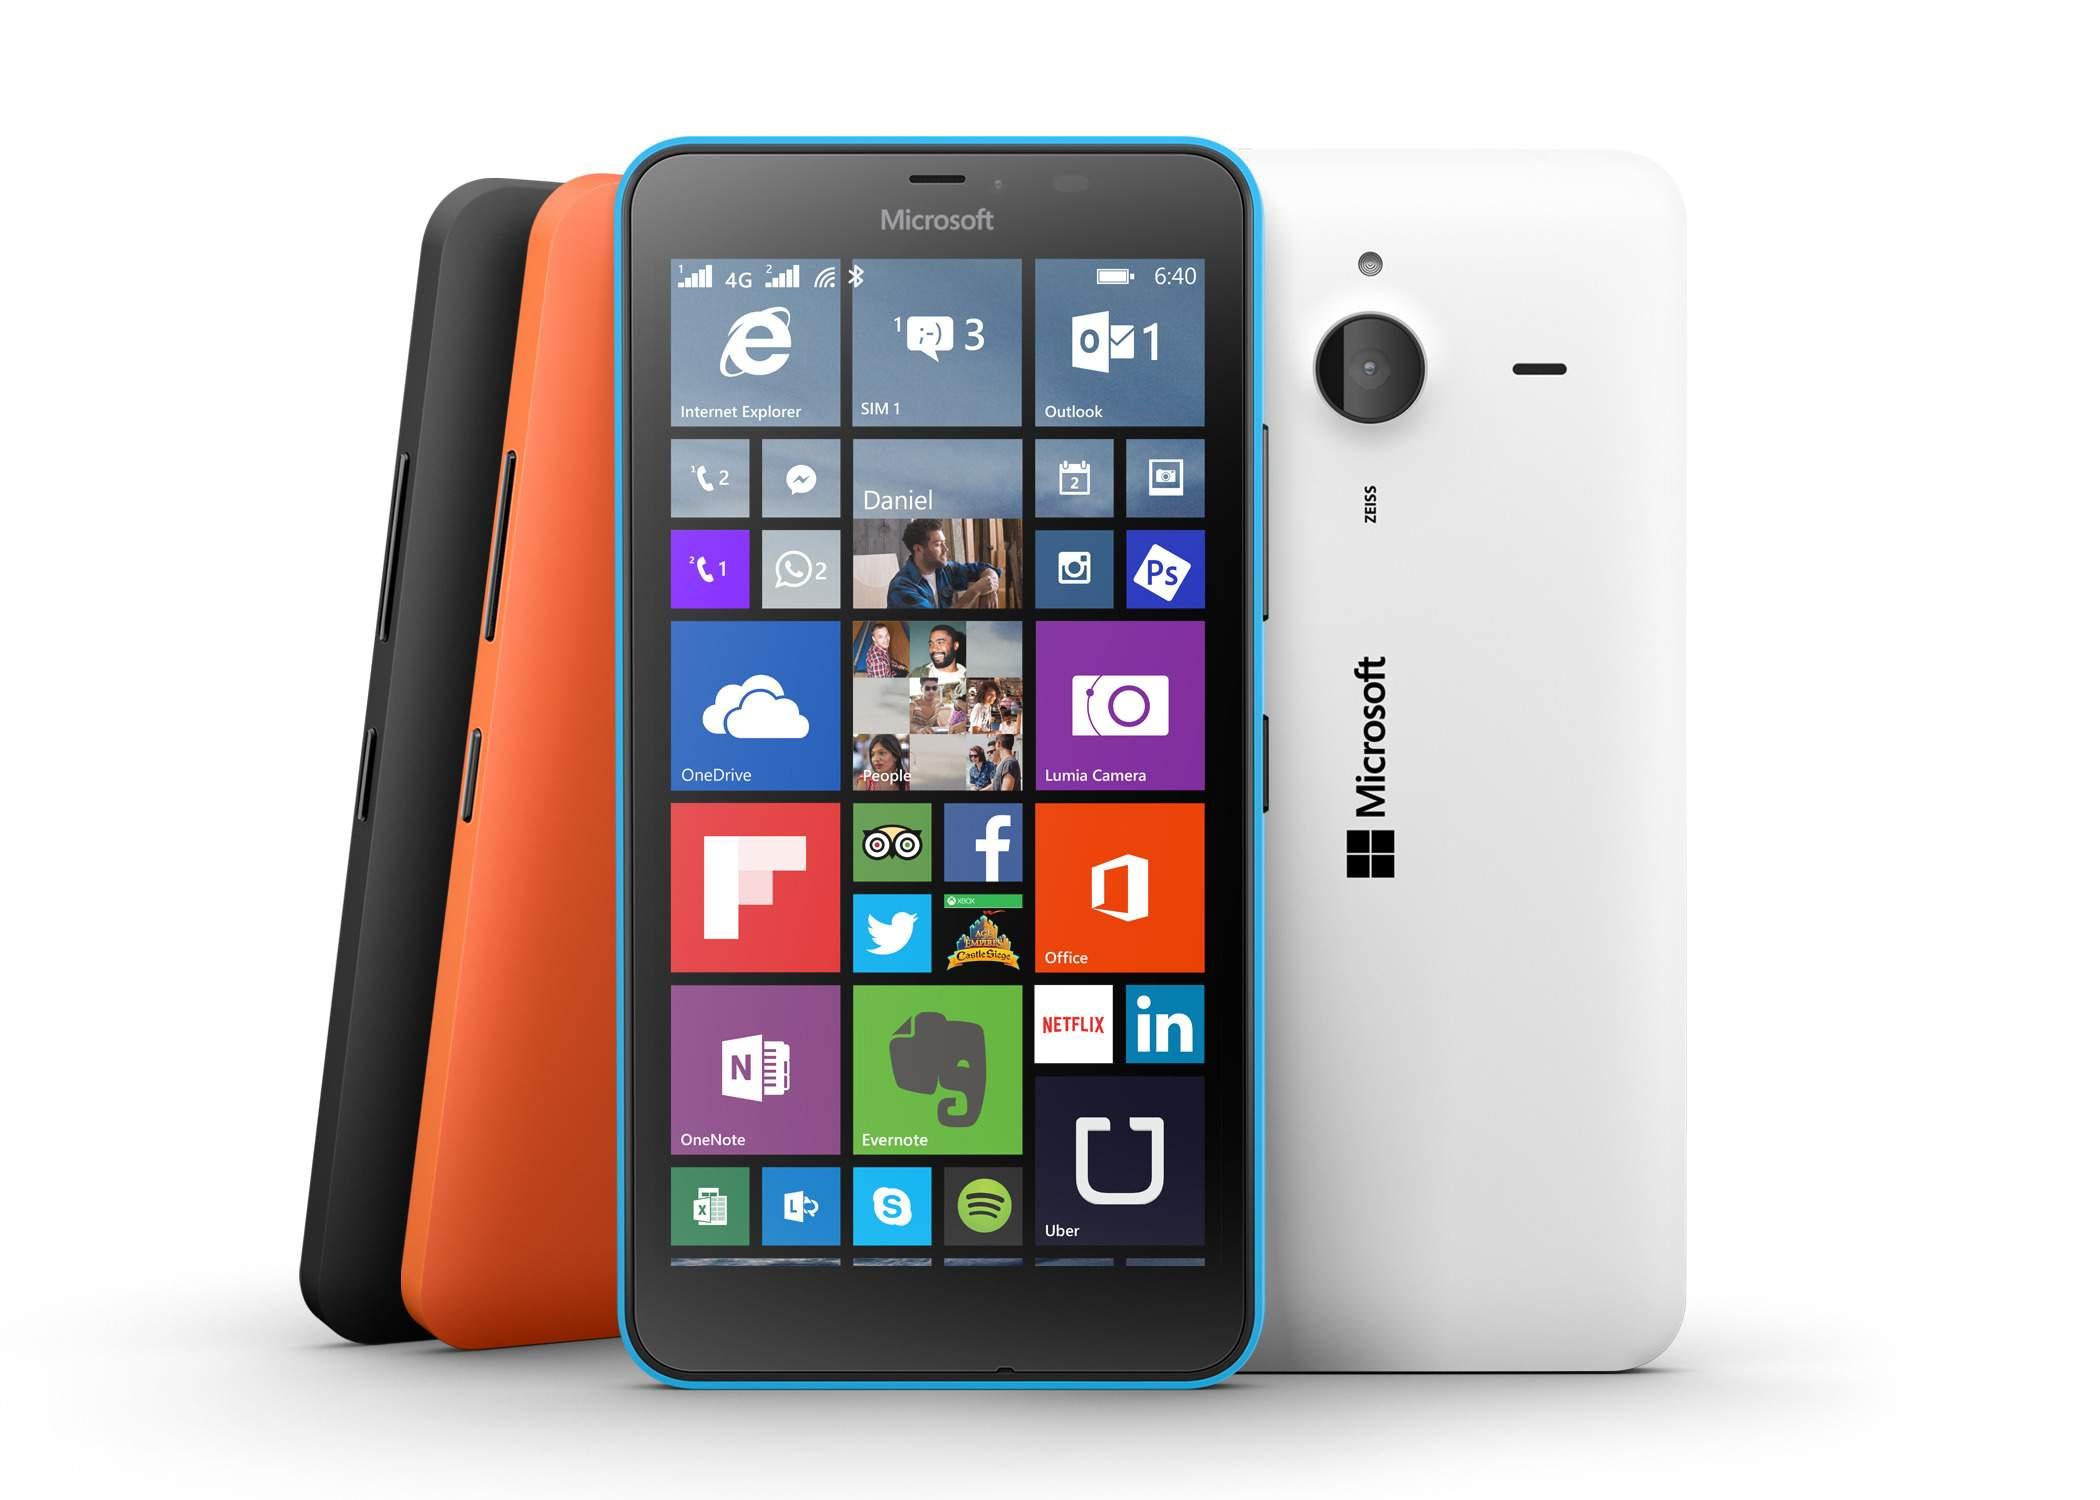 Lumia 640 LTE dan 640 XL Dual SIM Tiba di Indonesia: Spesifikasi Beda di Koneksi, Layar dan Kamera